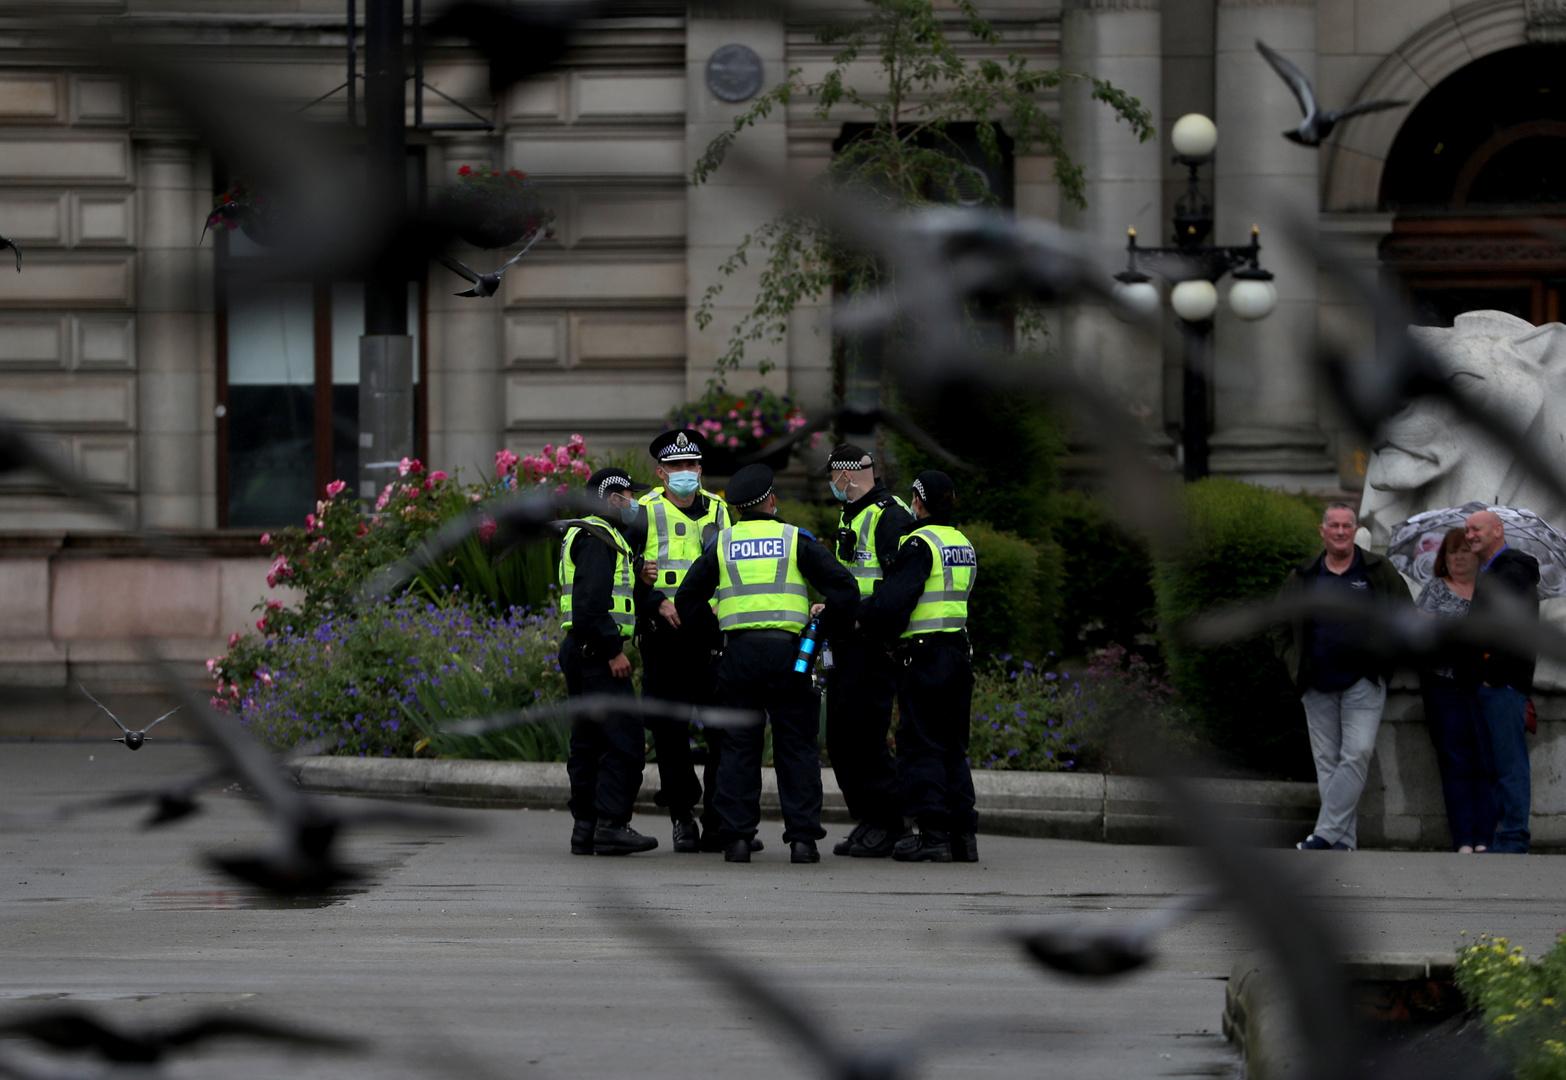 بريطانيا.. غلاسكو الاسكتلندية تشهد ثاني هجوم بسكين خلال أيام